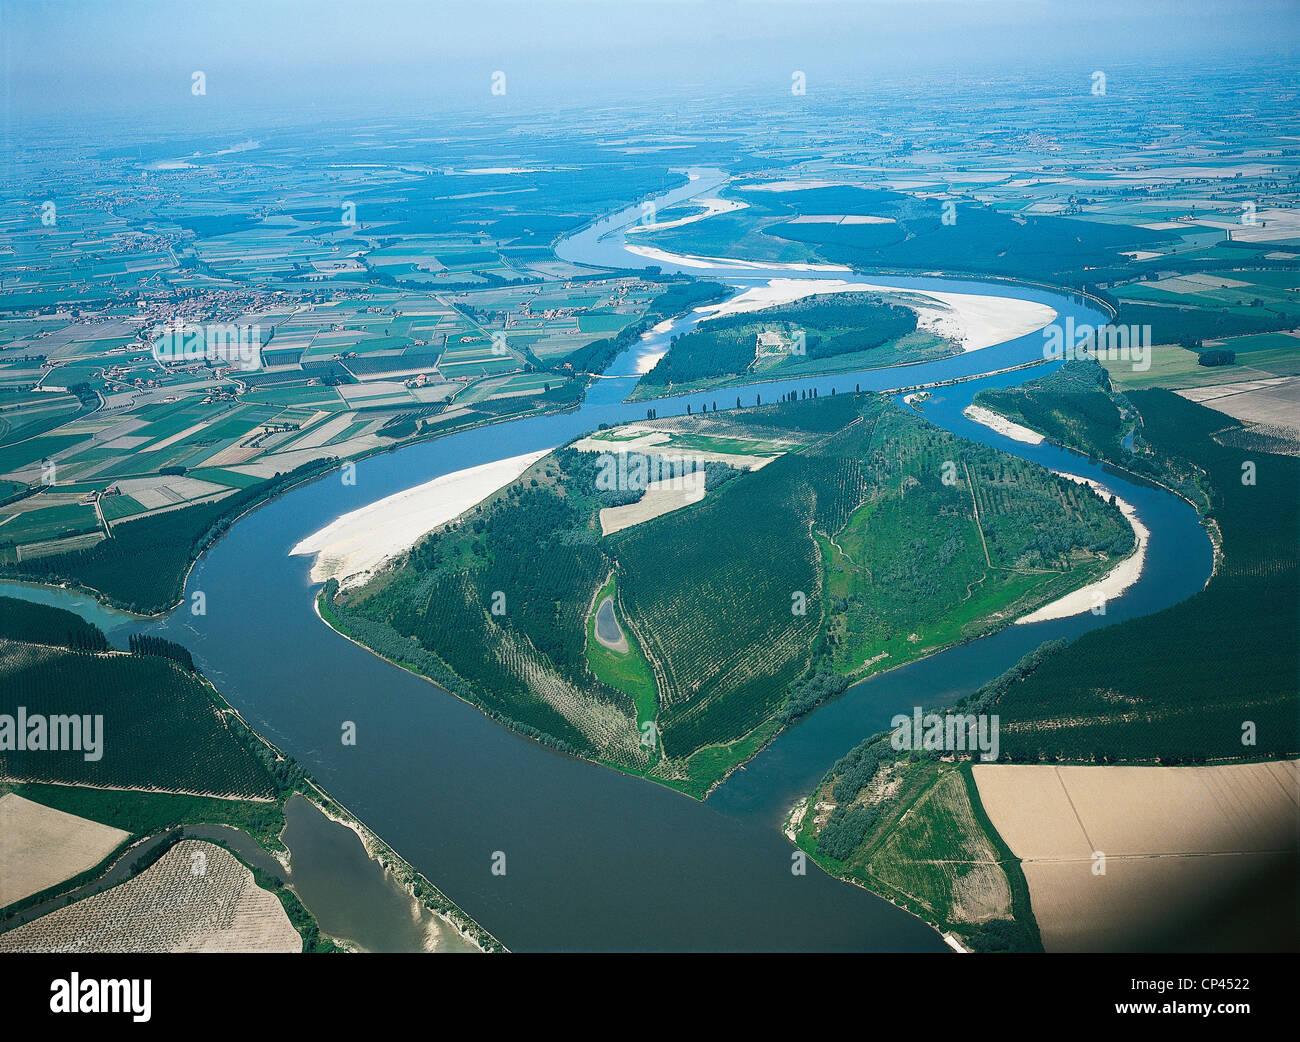 lombardy-po-river-south-of-casalmaggiore